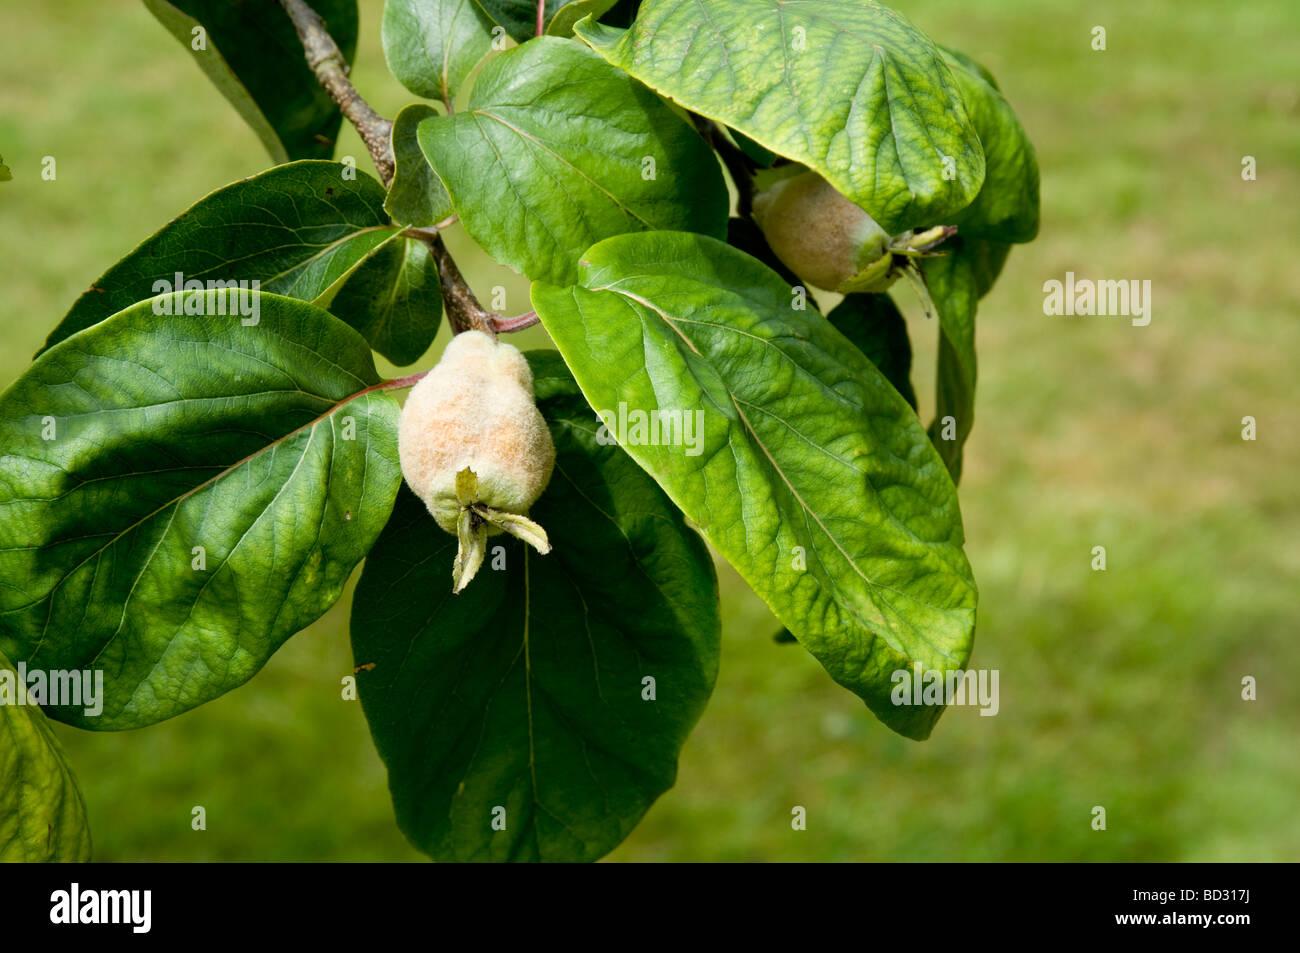 Baum Quitte - Cydonia Oblonga, mit der Entwicklung von unreifen Frucht, sind charakterisiert durch eine temporäre Stockbild